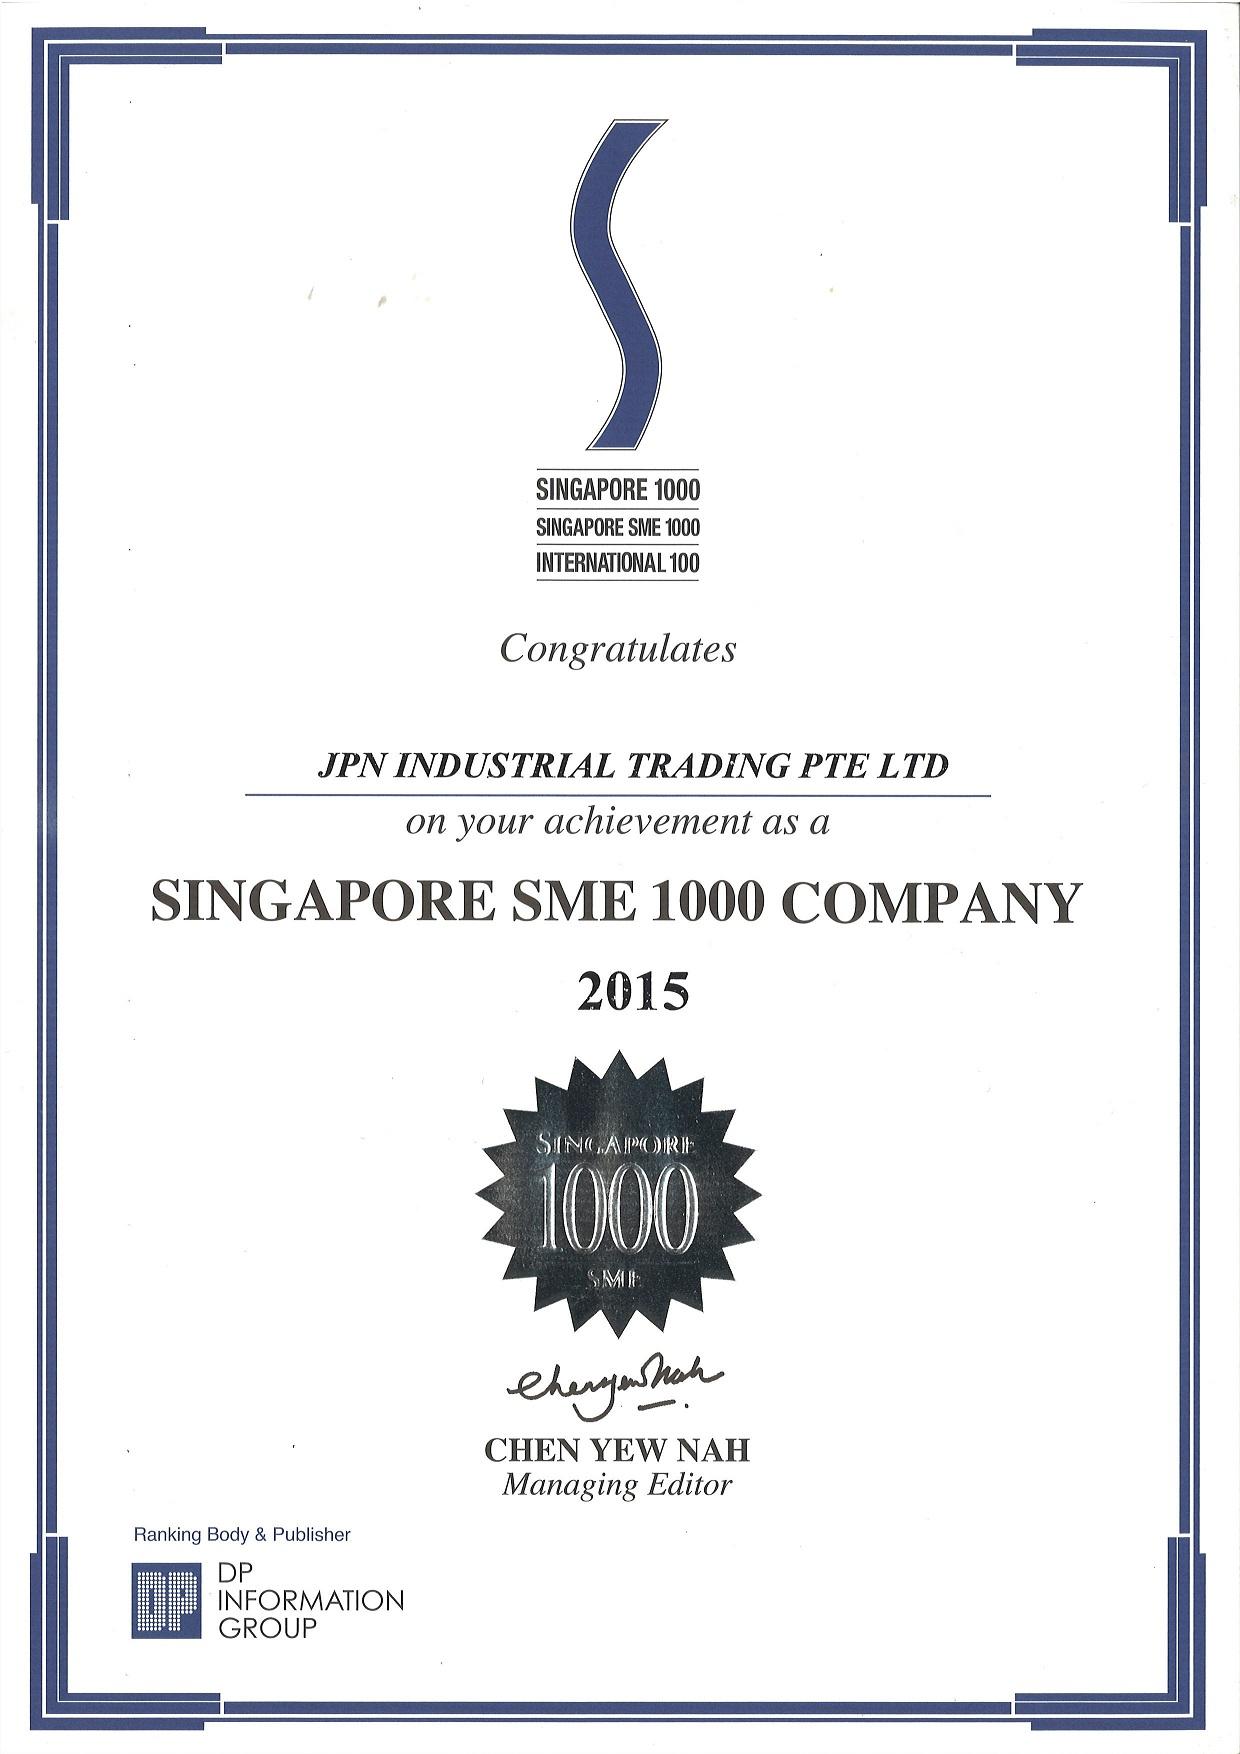 2015-SPORE-SME-1000